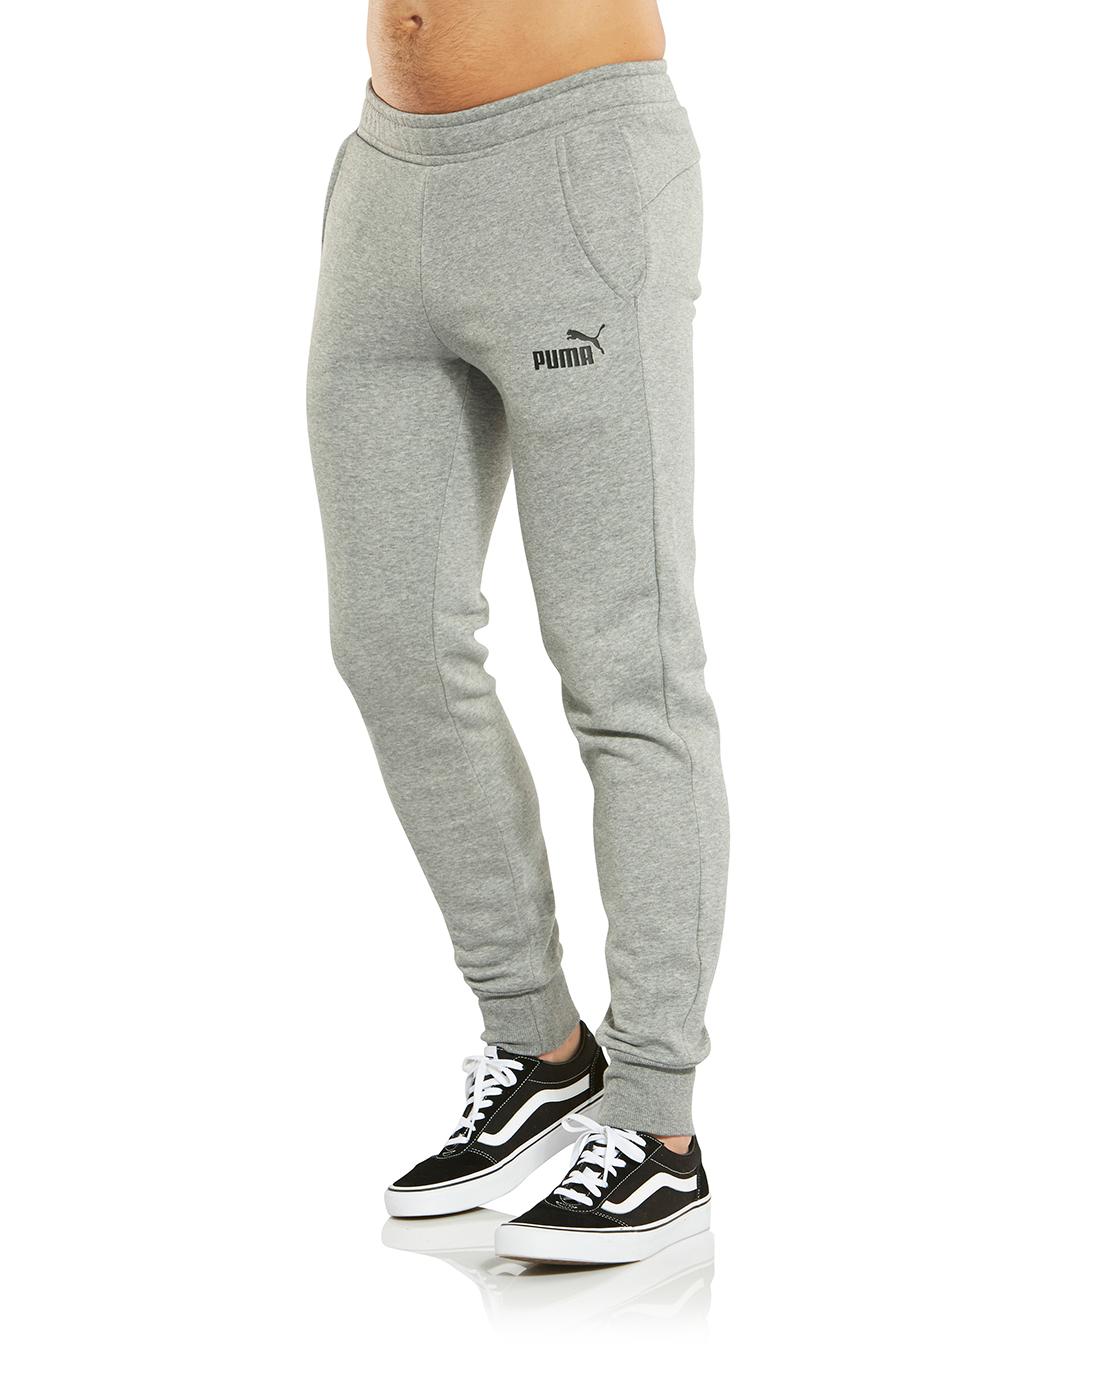 db4621b9d778 Men s Grey Puma Sweatpants